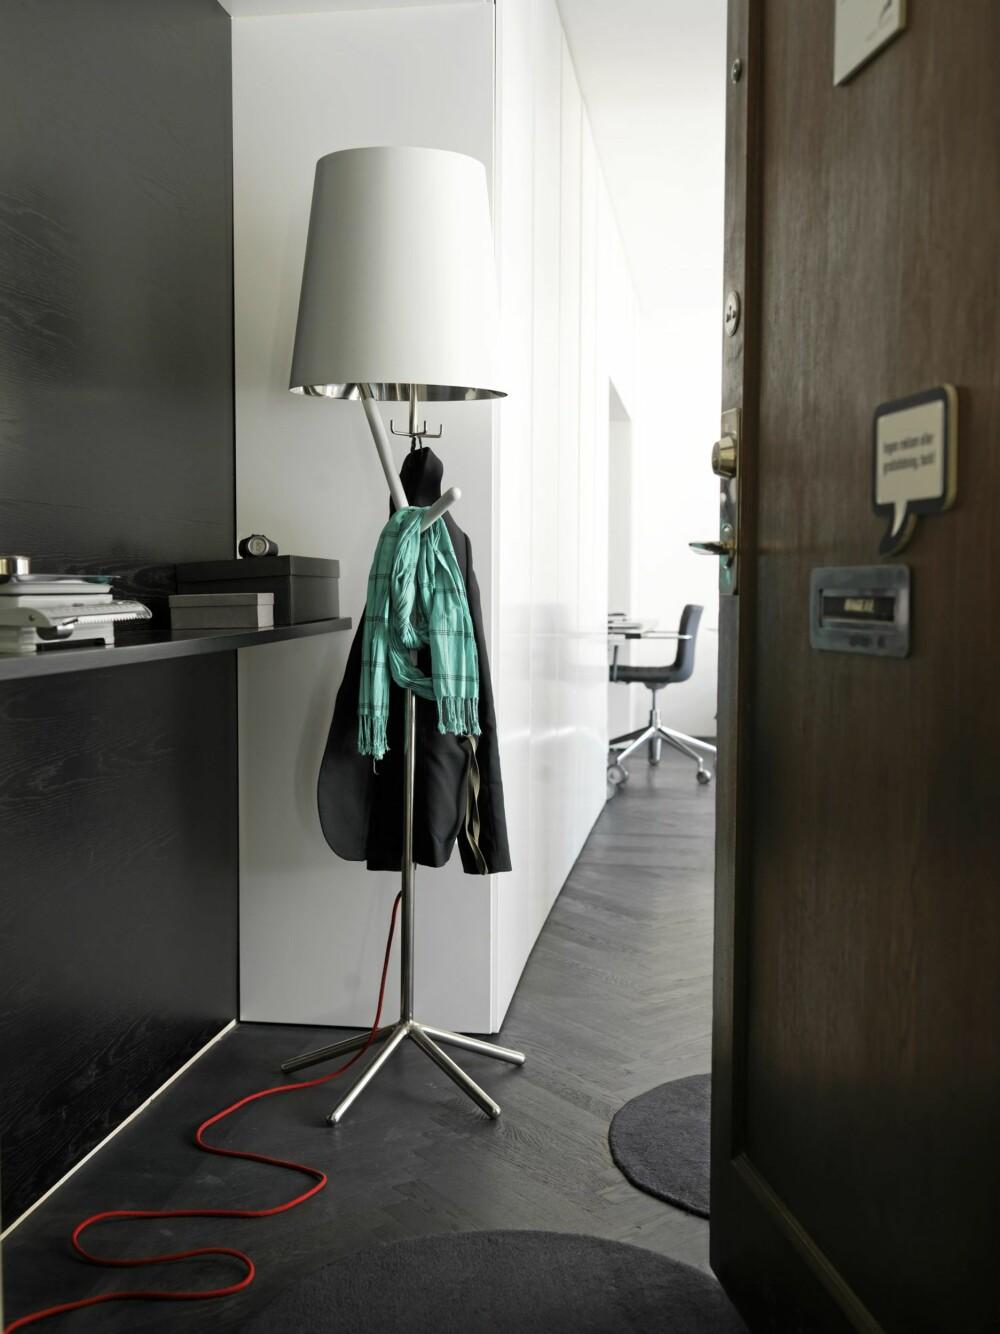 HJEMMELAGD: Wagell har selv innredet leiligheten, og mesteparten av møbler og belysning har han designet selv.